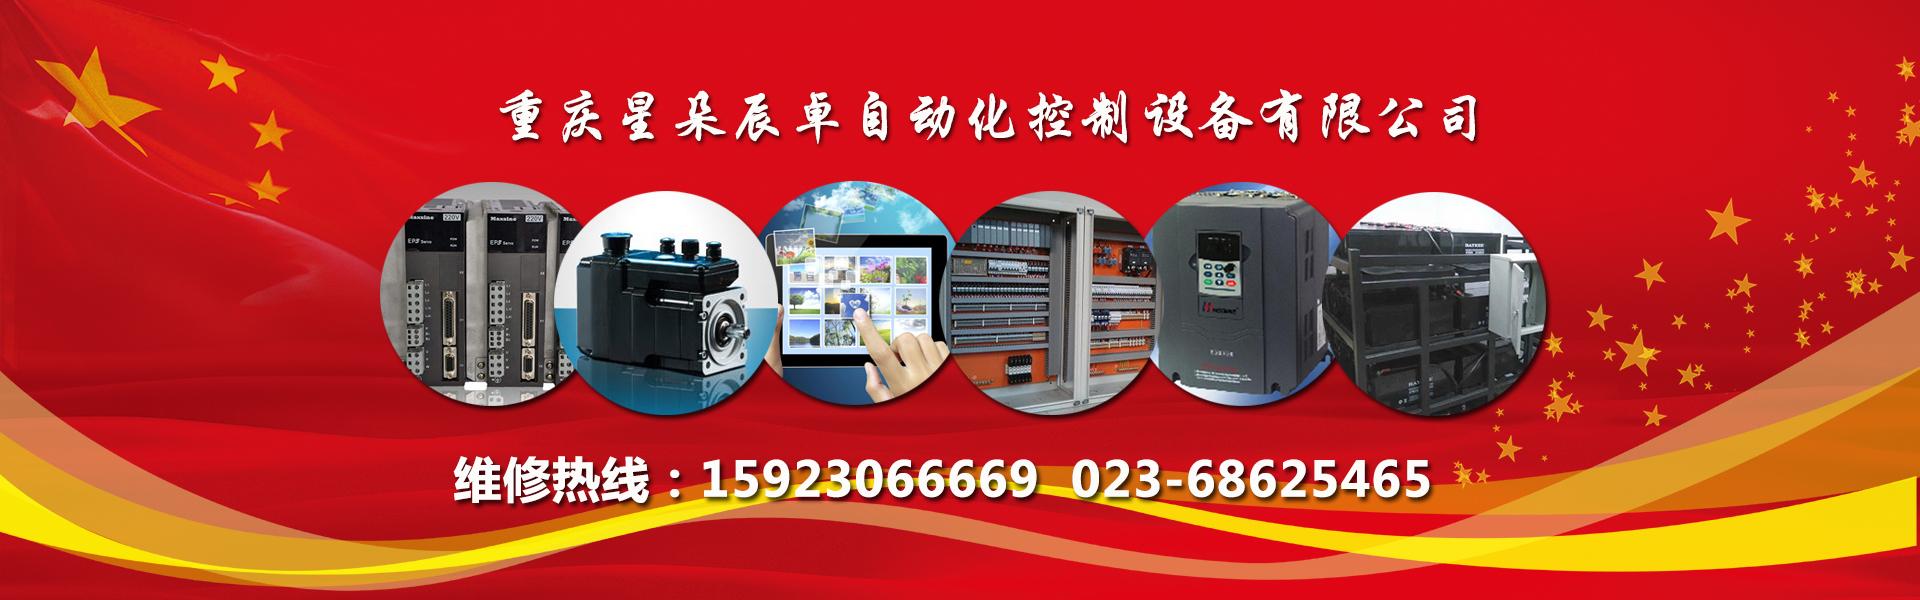 重庆触摸屏维修 、重庆伺服驱动器维修、重庆驱动器维修电话:15923066669